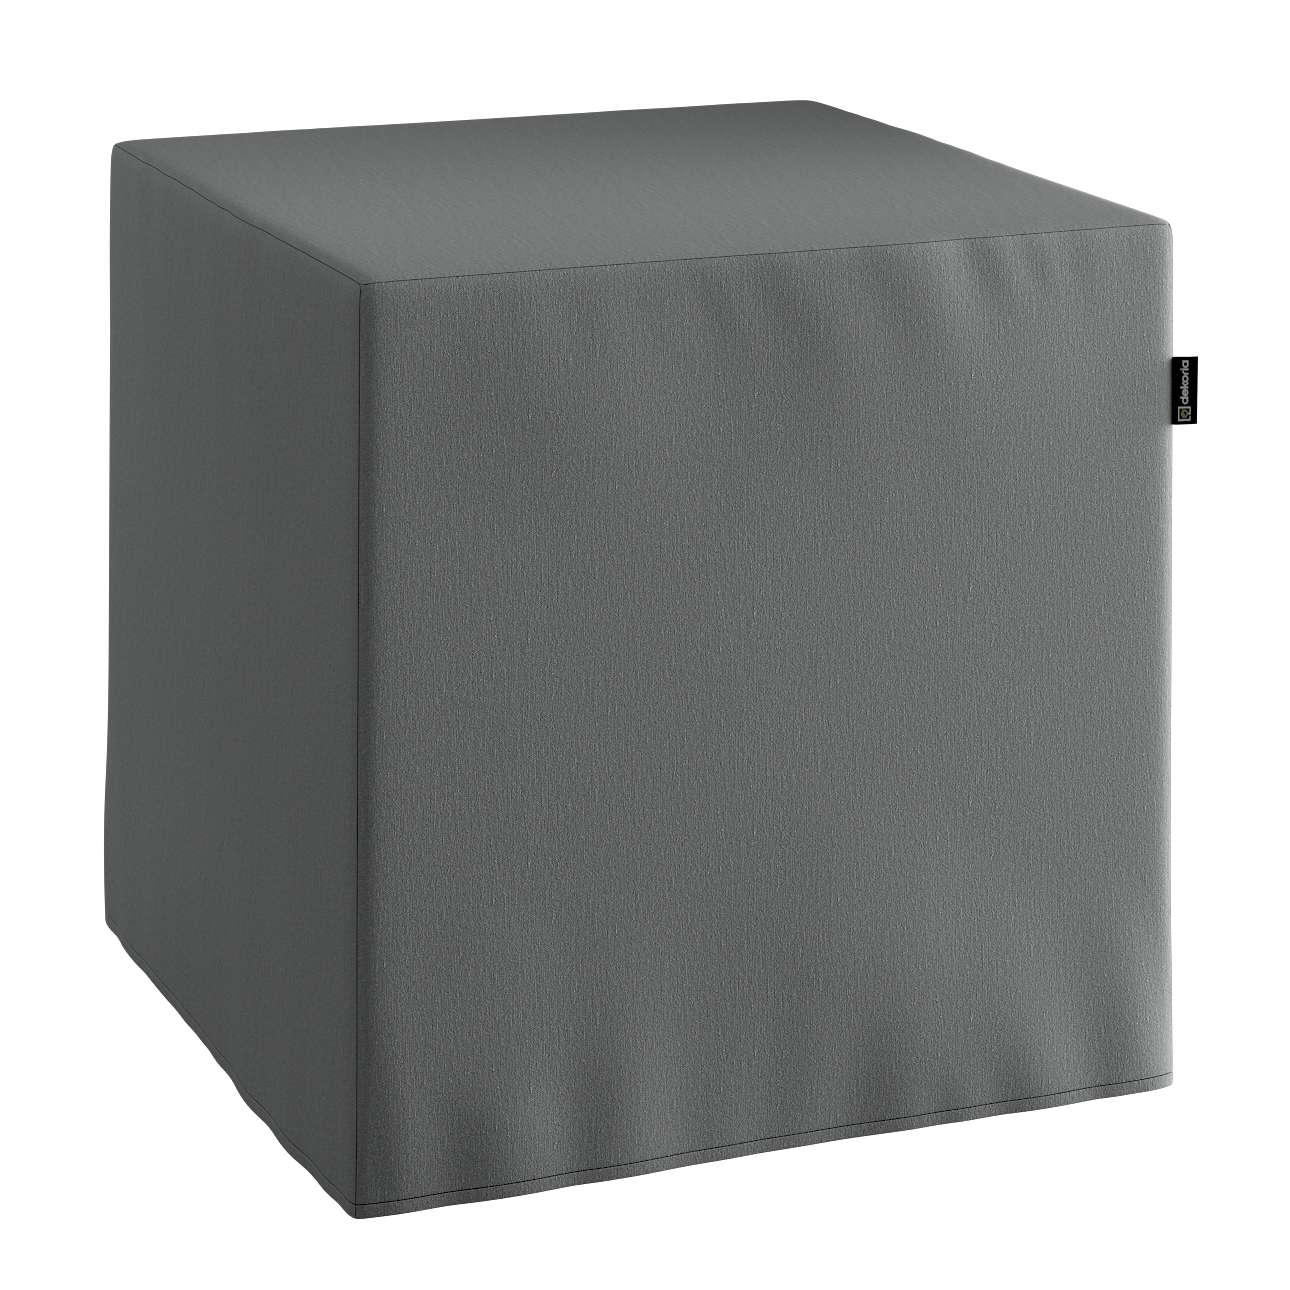 Sedák Cube - kostka pevná 40x40x40 v kolekci Quadro, látka: 136-14